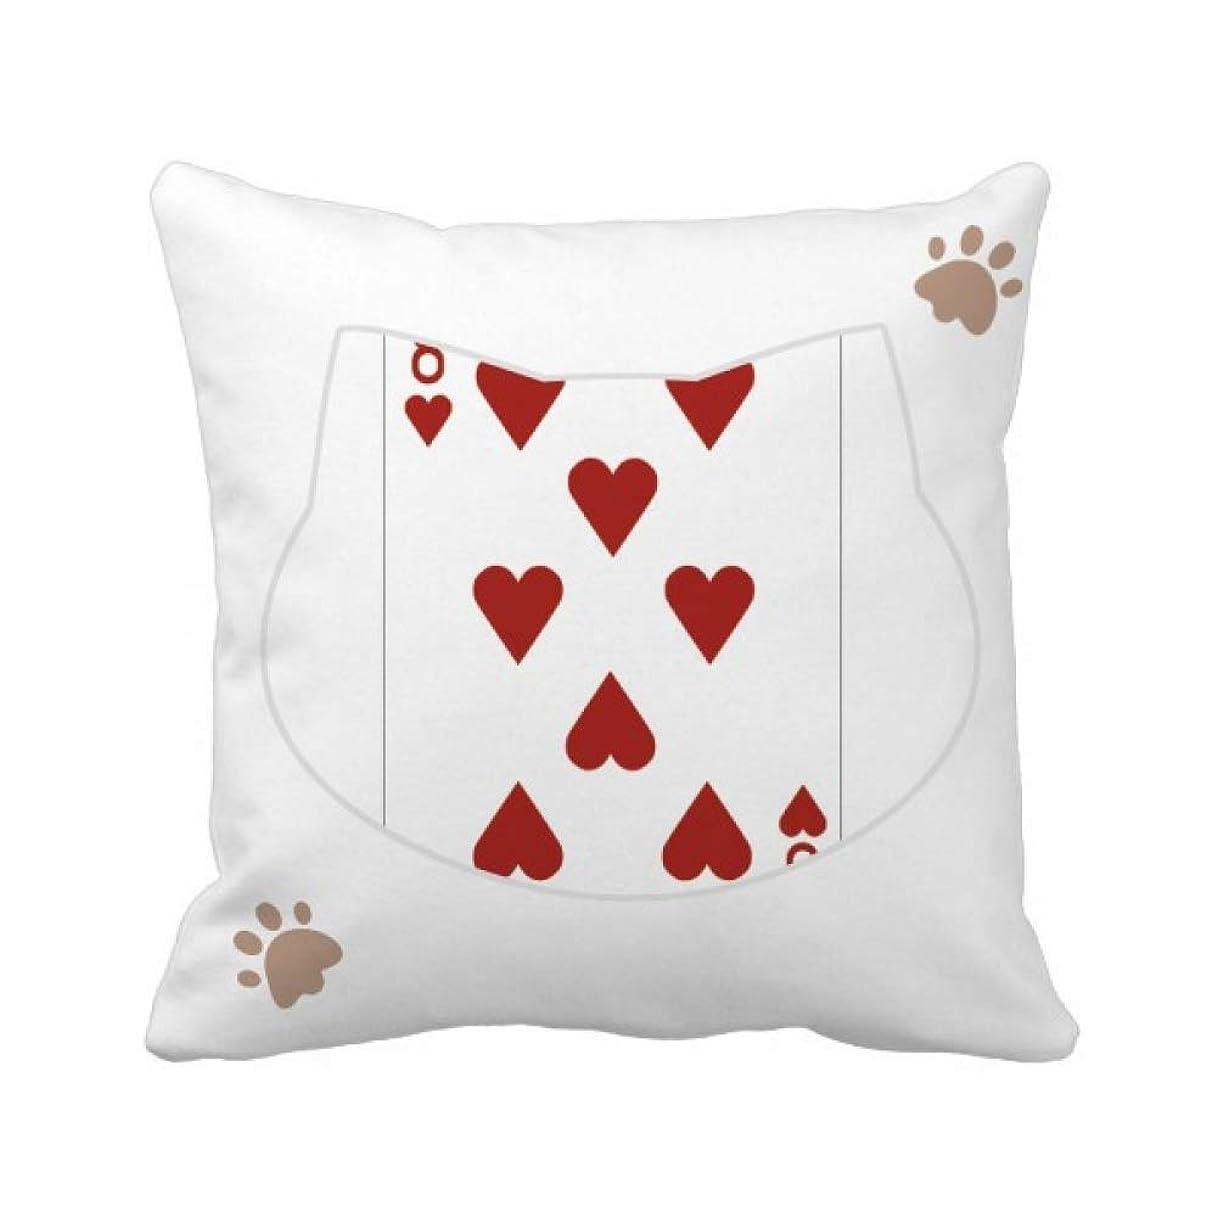 確執毎年節約カードパターン8プレー心 枕カバーを放り投げる猫広場 50cm x 50cm